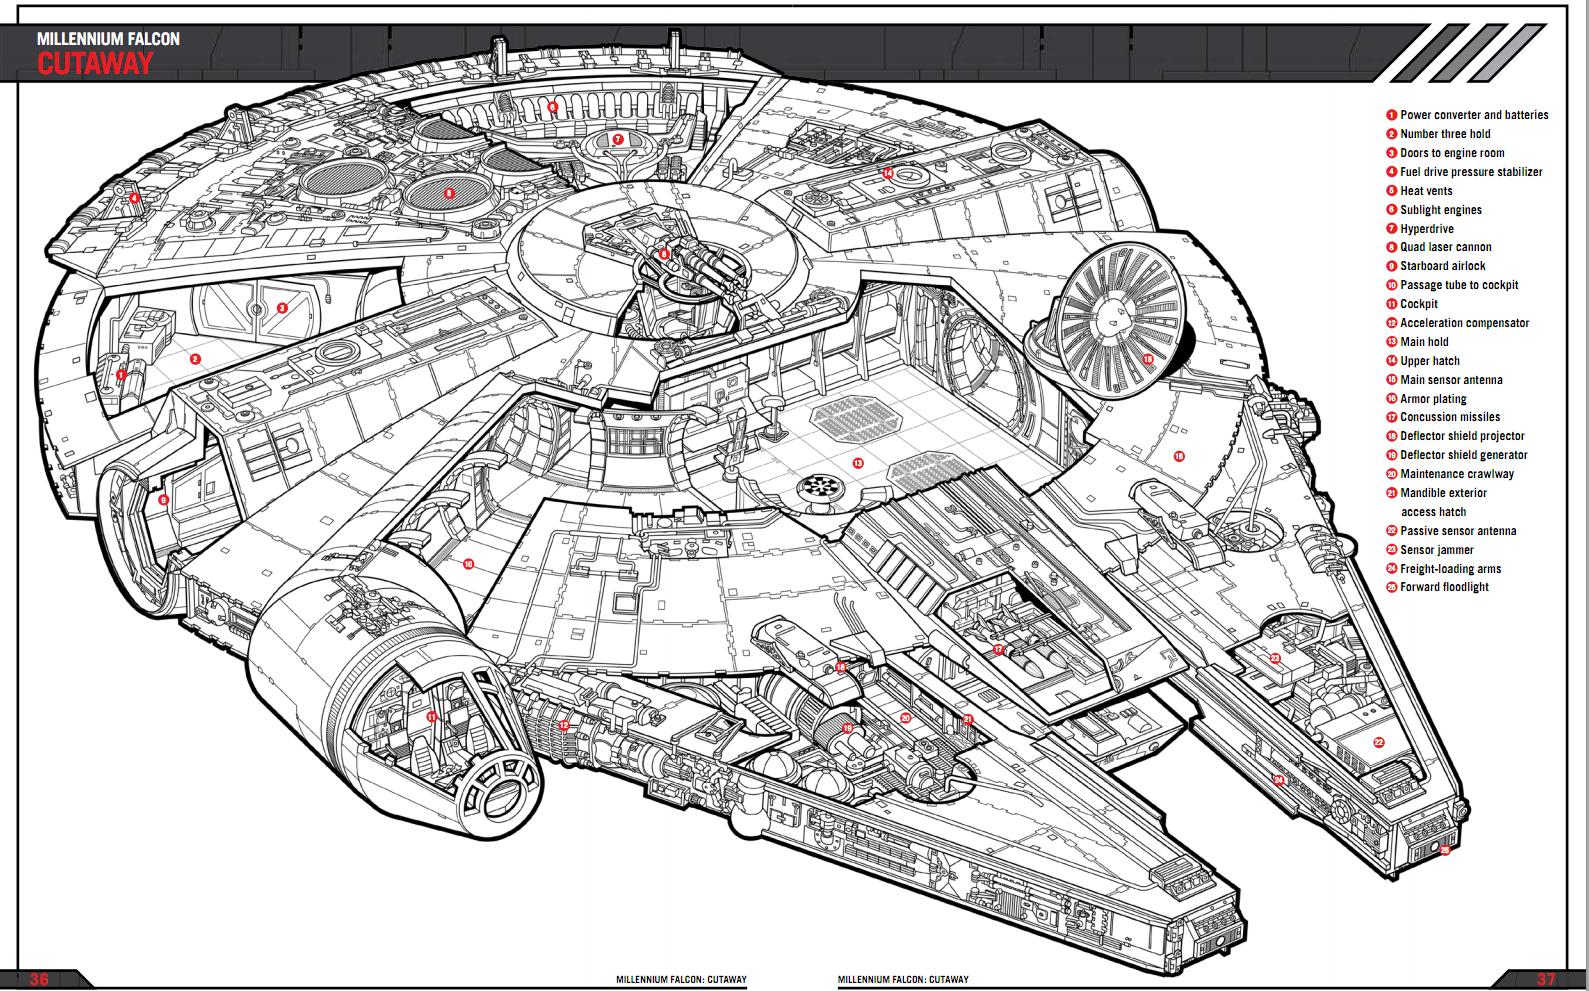 Millennium Falcon cutaway   Sci-Fi Cutaways and Diagrams ...